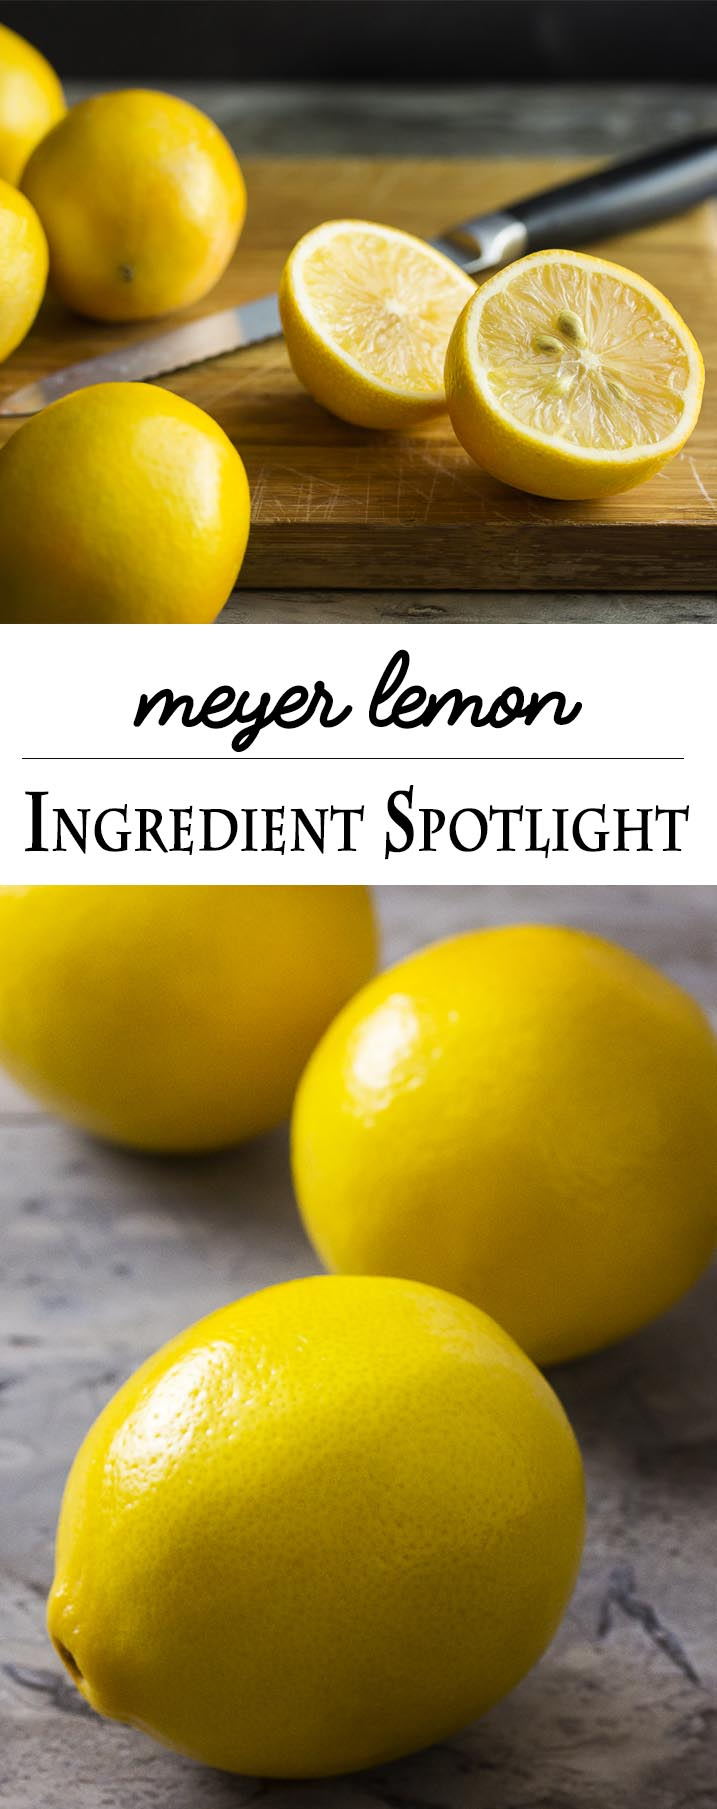 What are Meyer lemons? How do Meyer lemons taste? Origin, flavor, recipes and more answered in this meyer lemon ingredient spotlight. | justalittlebitofbacon.com